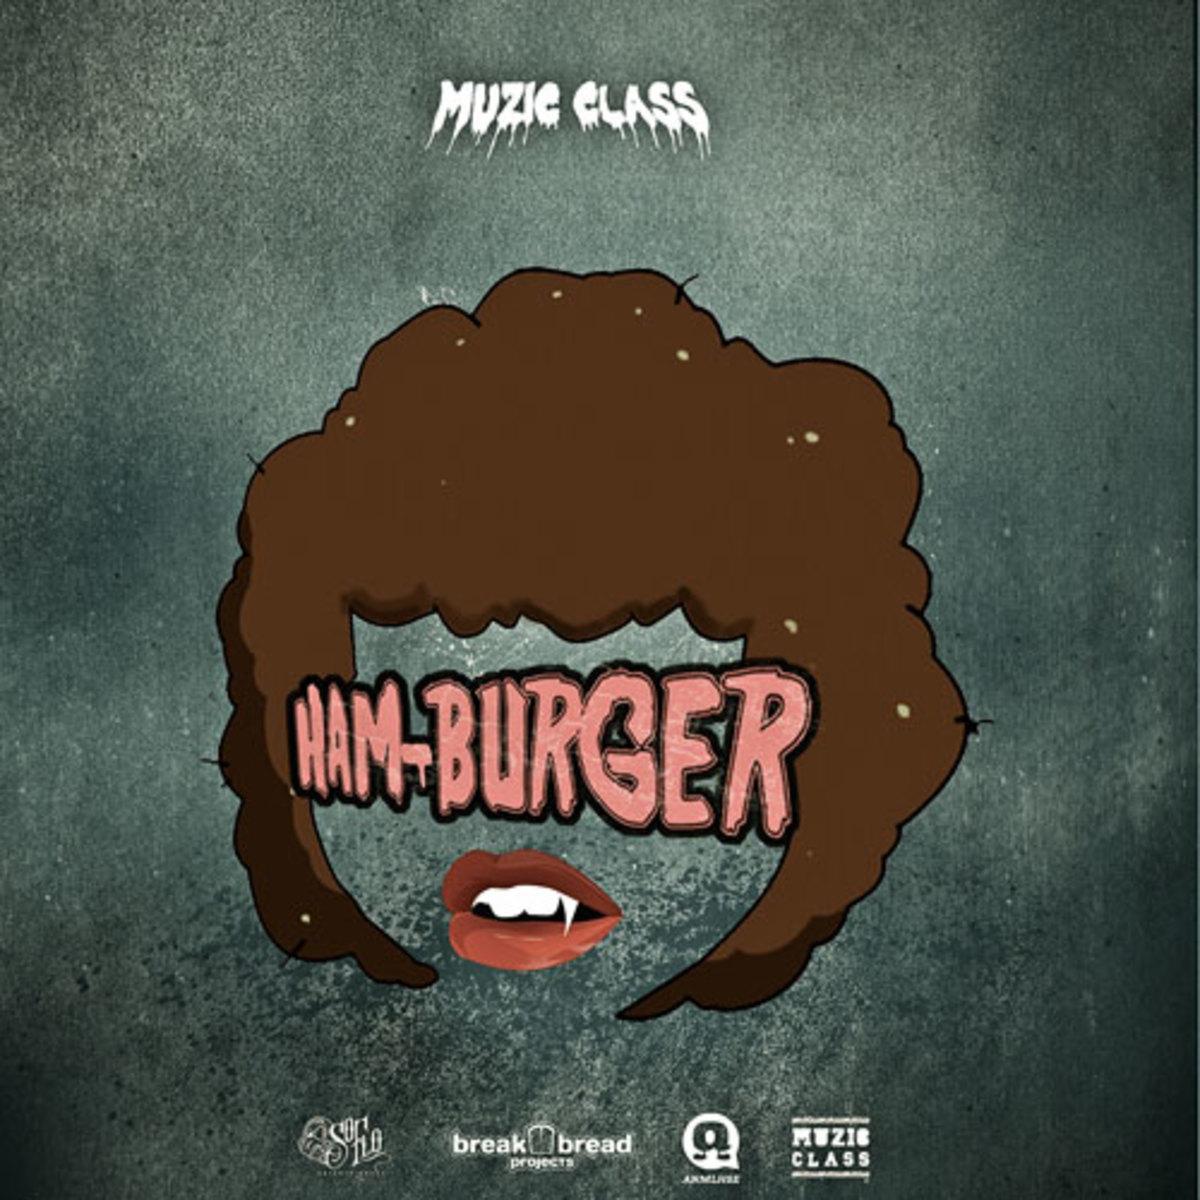 muzikclass-hamburger.jpg